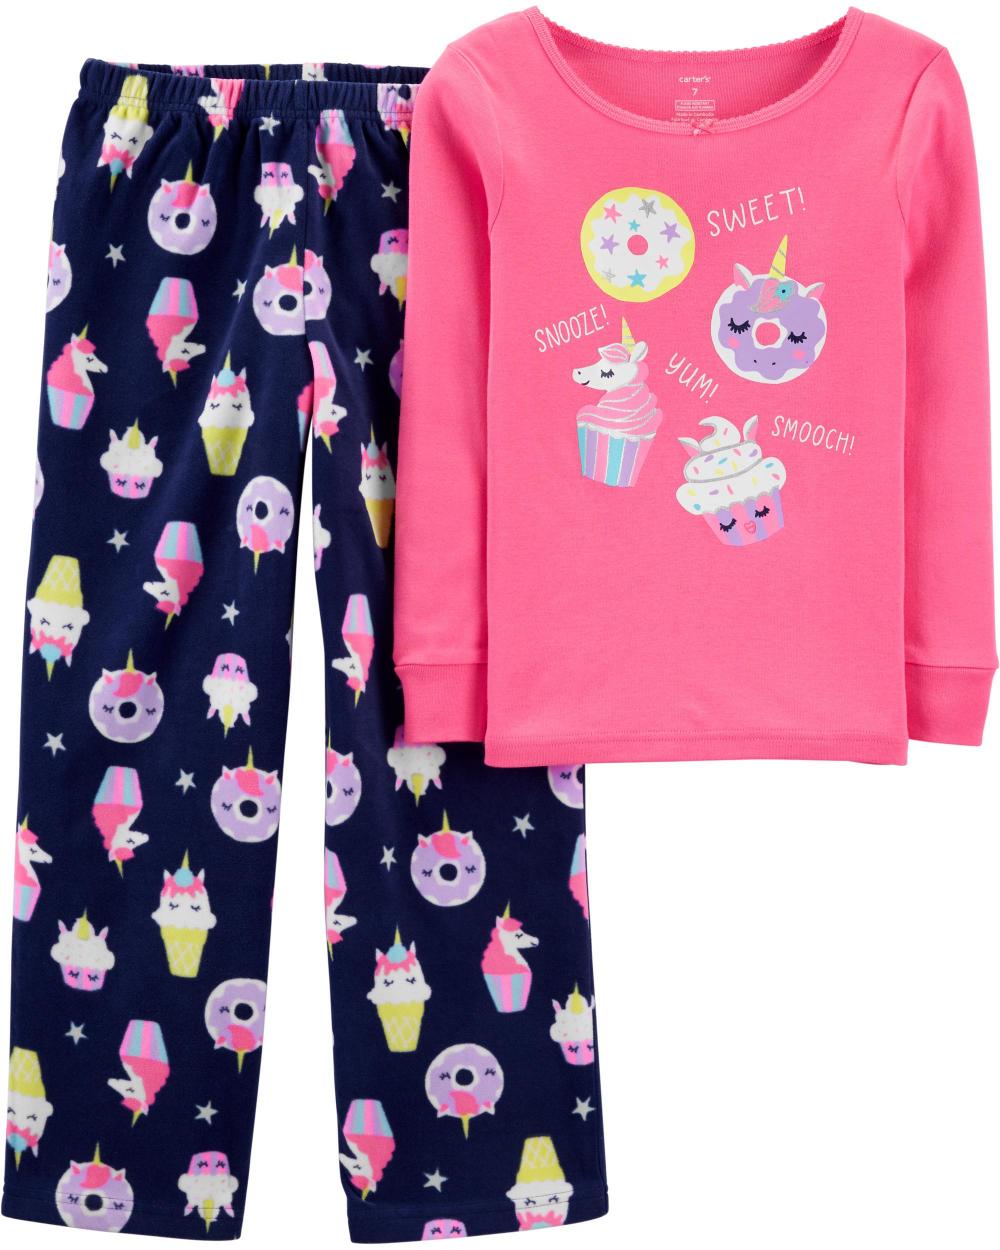 Snug Fit Cotton PJs | Cotton pjs